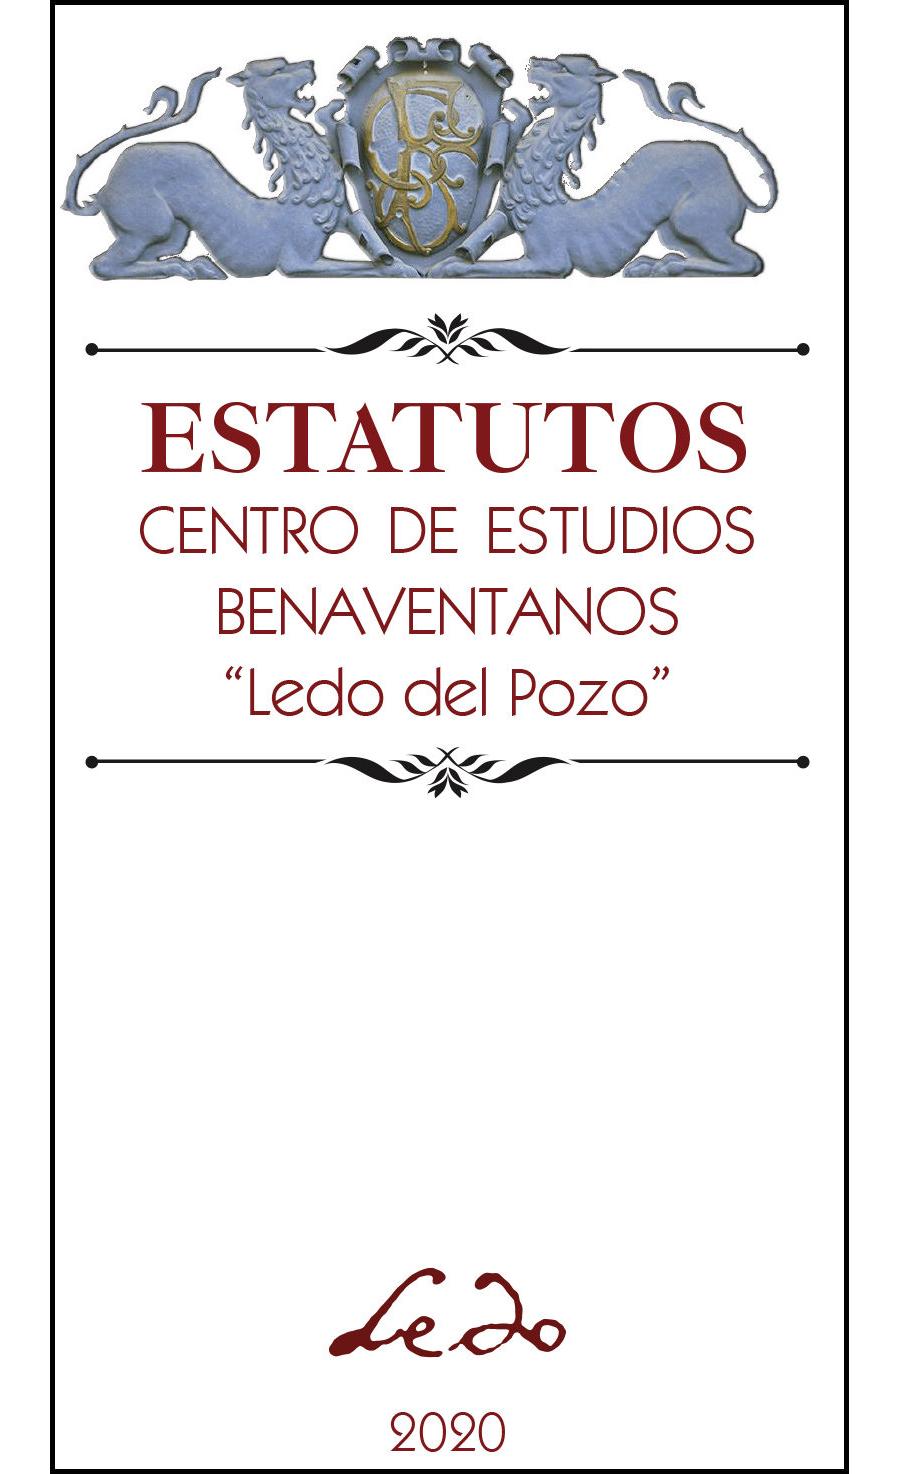 """Estatutos del CEB """"Ledo del Pozo"""" 2020, 44pp."""